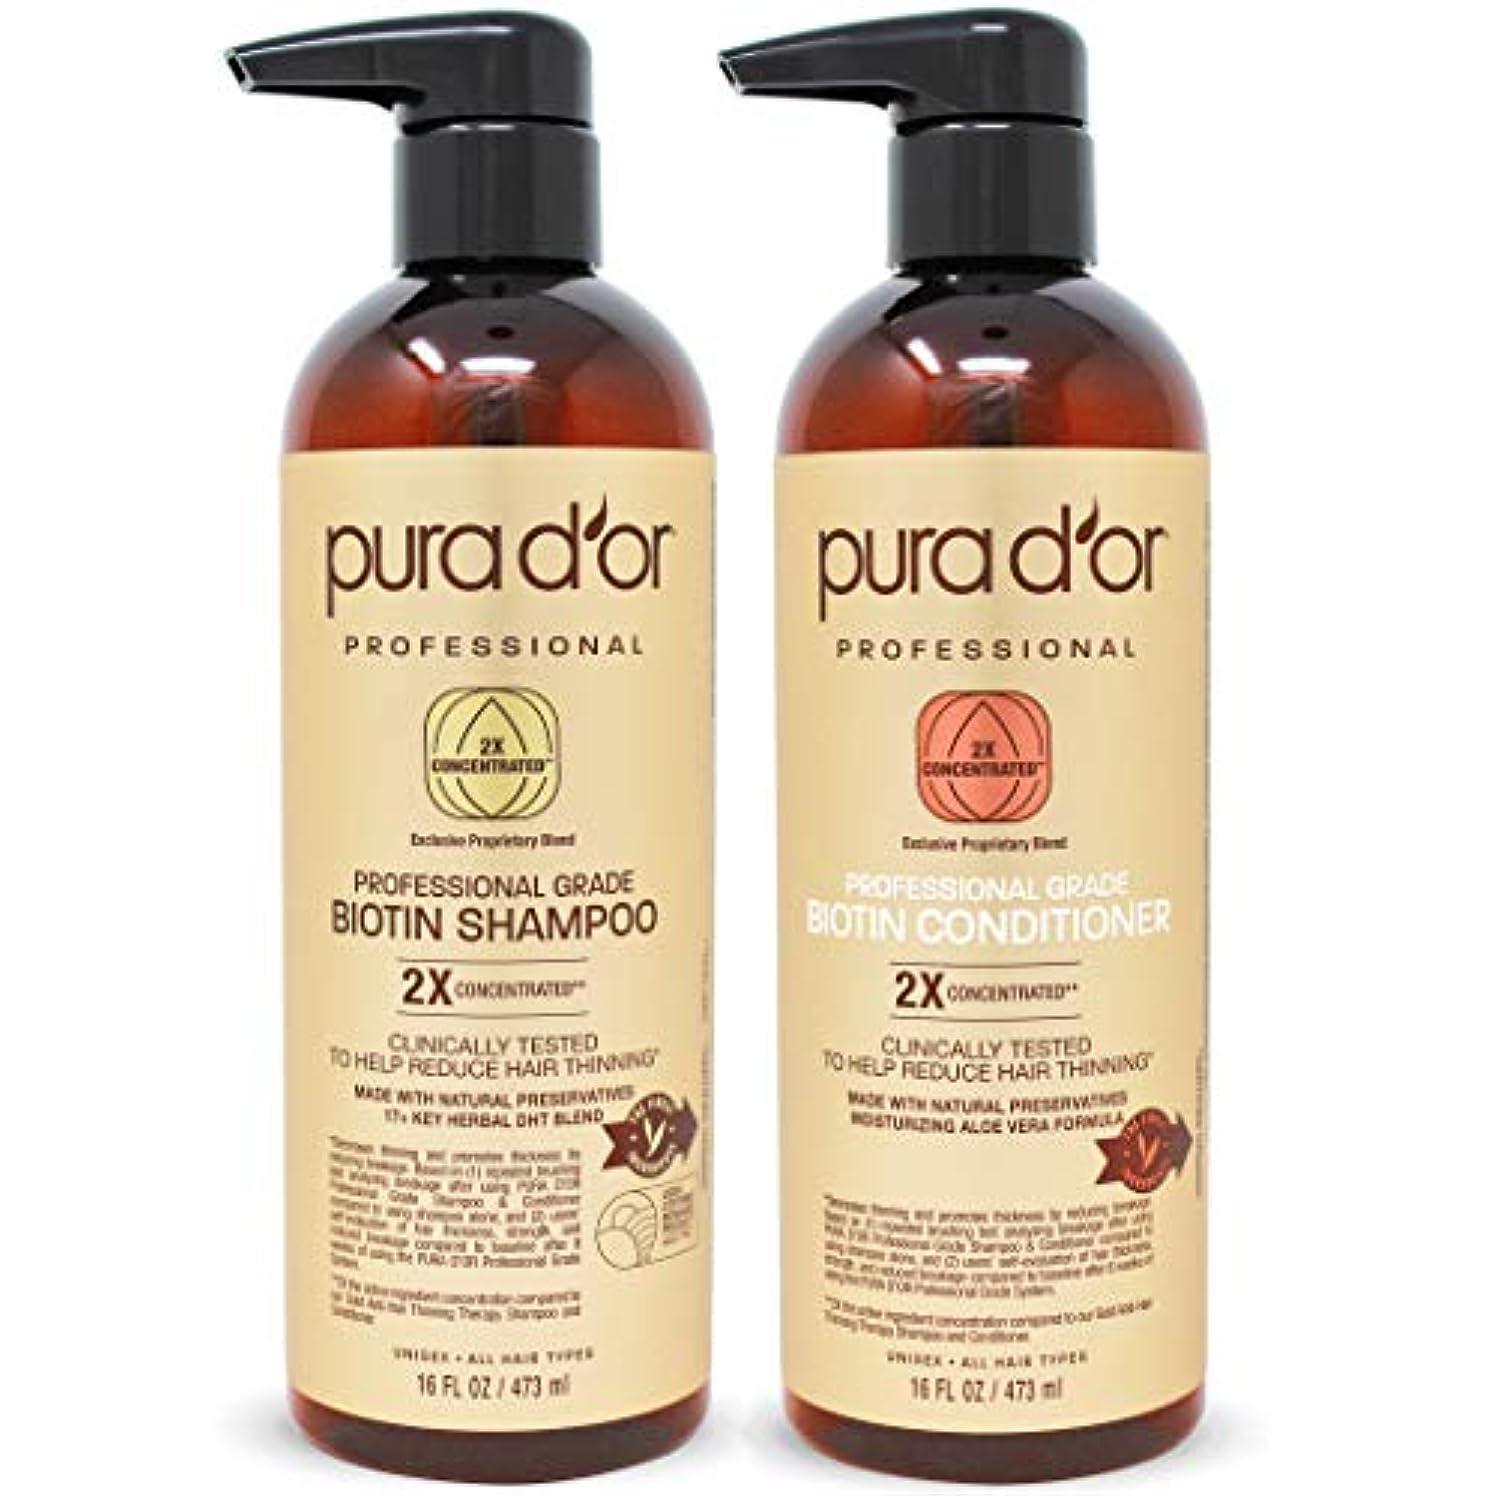 テーマトランスミッション明確なPURA D'OR プロ仕様 薄毛予防 2倍濃縮成分 シャンプー&コンディショナー、硫酸系化合物不使用、天然原料、臨床検査済み、全ての髪タイプに、男性&女性用(パッケージは異なる場合があります) コンボ(シャンプー&コンディショナー)